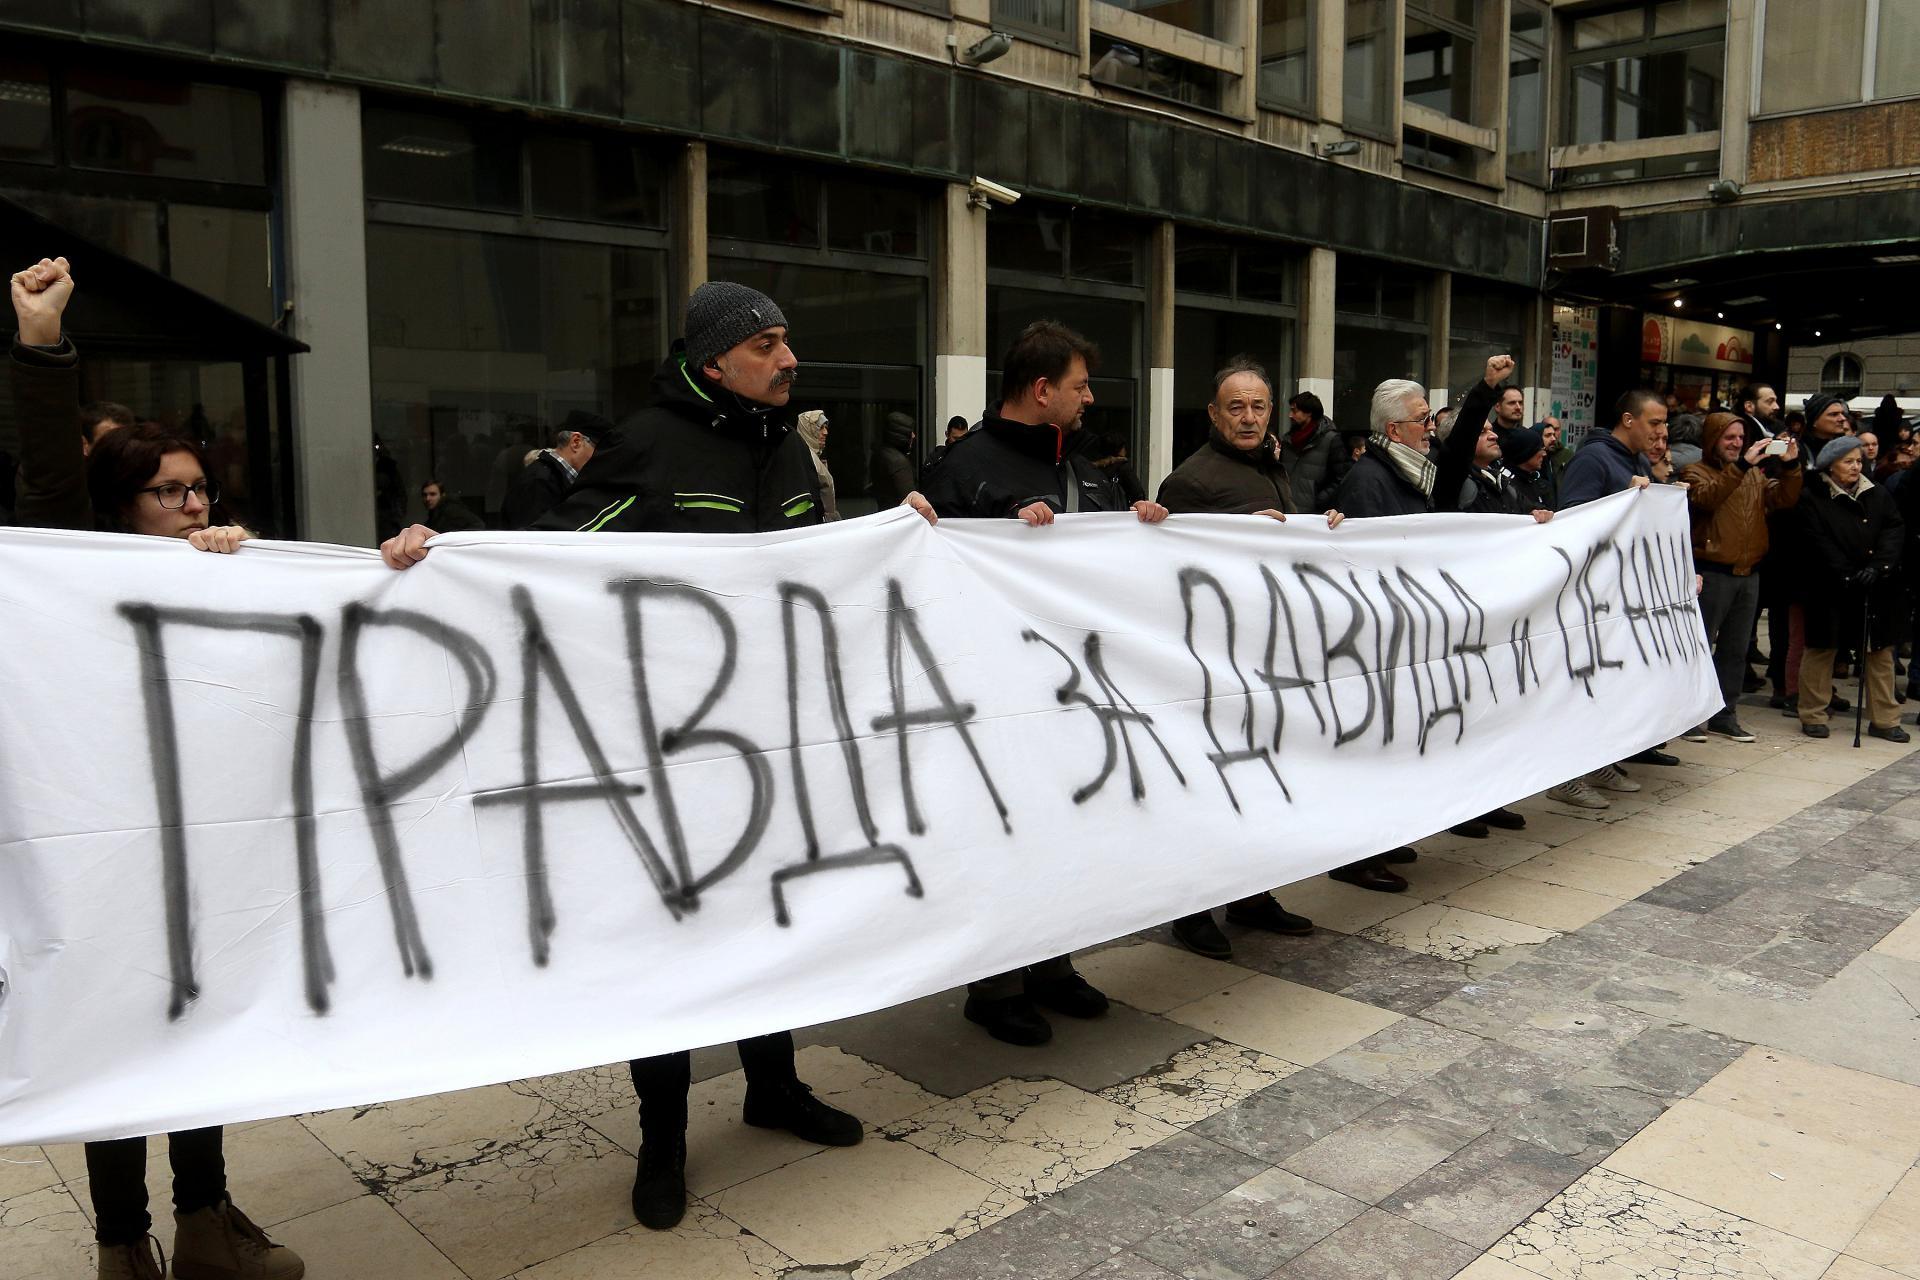 Prosvjedi potpore organizirani su i u drugim gradovima, poput ovoga u Beogradu